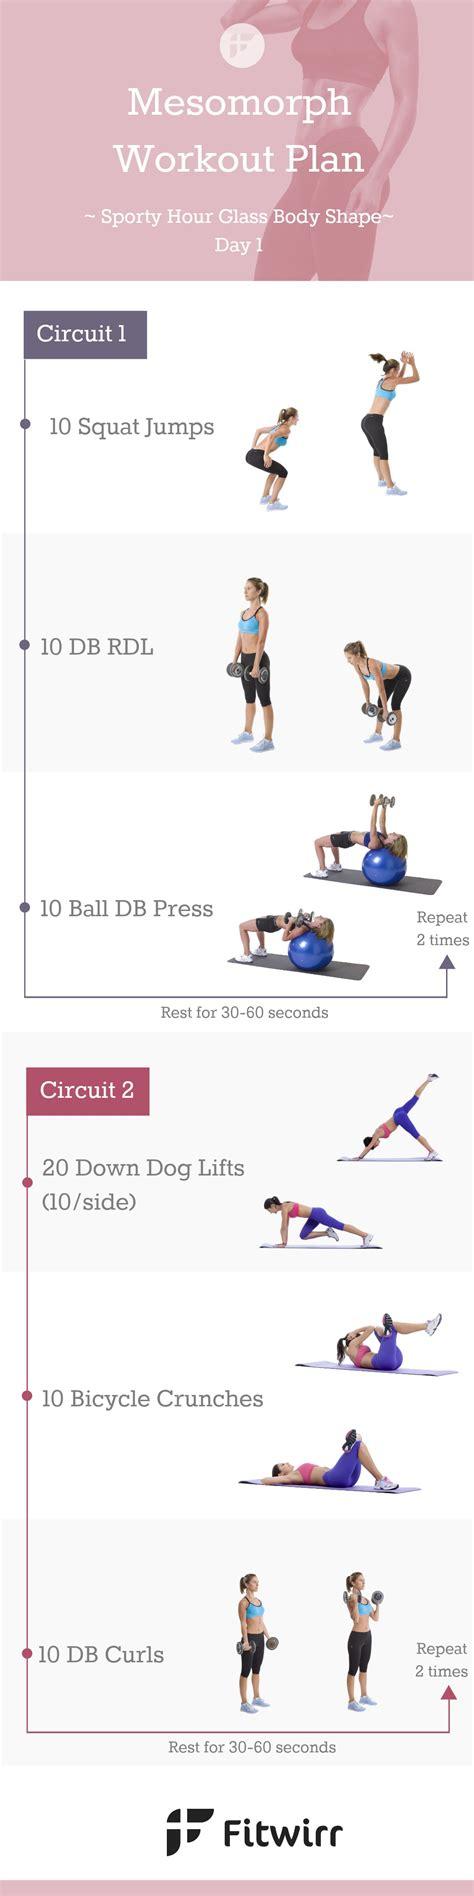 workout layout full body circuit training mesomorph workout plan day 1